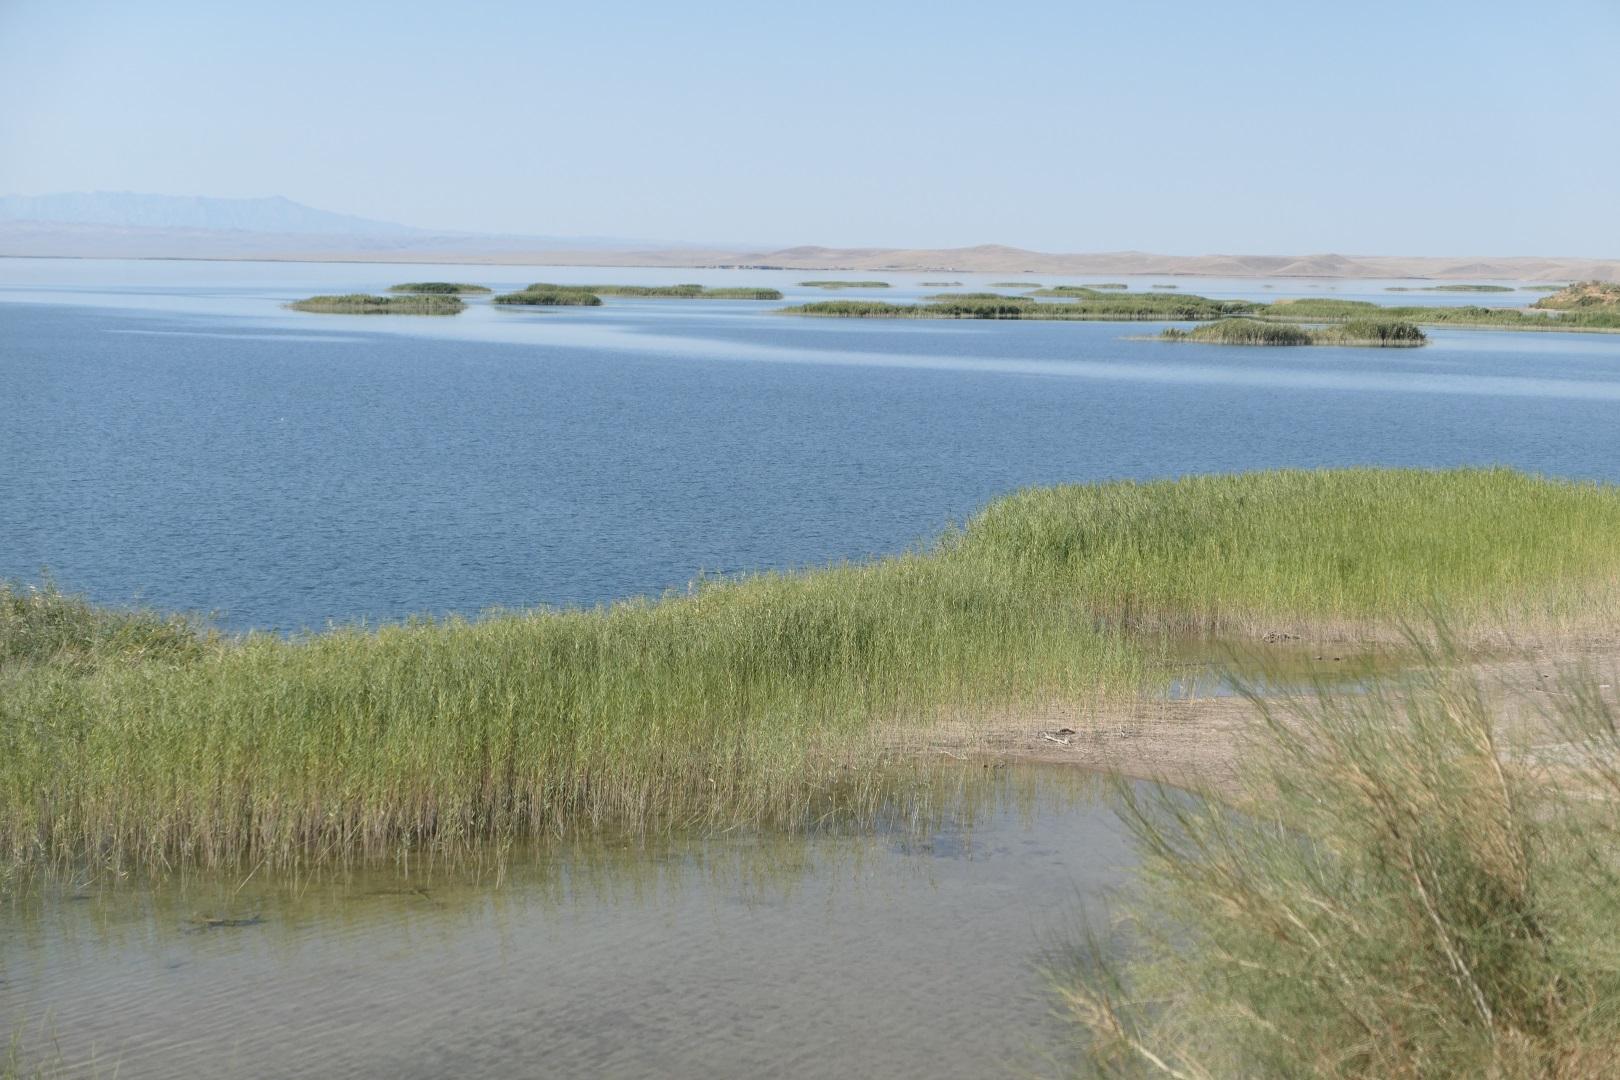 Visiter Le Lac Aydar - Ouzbékistan